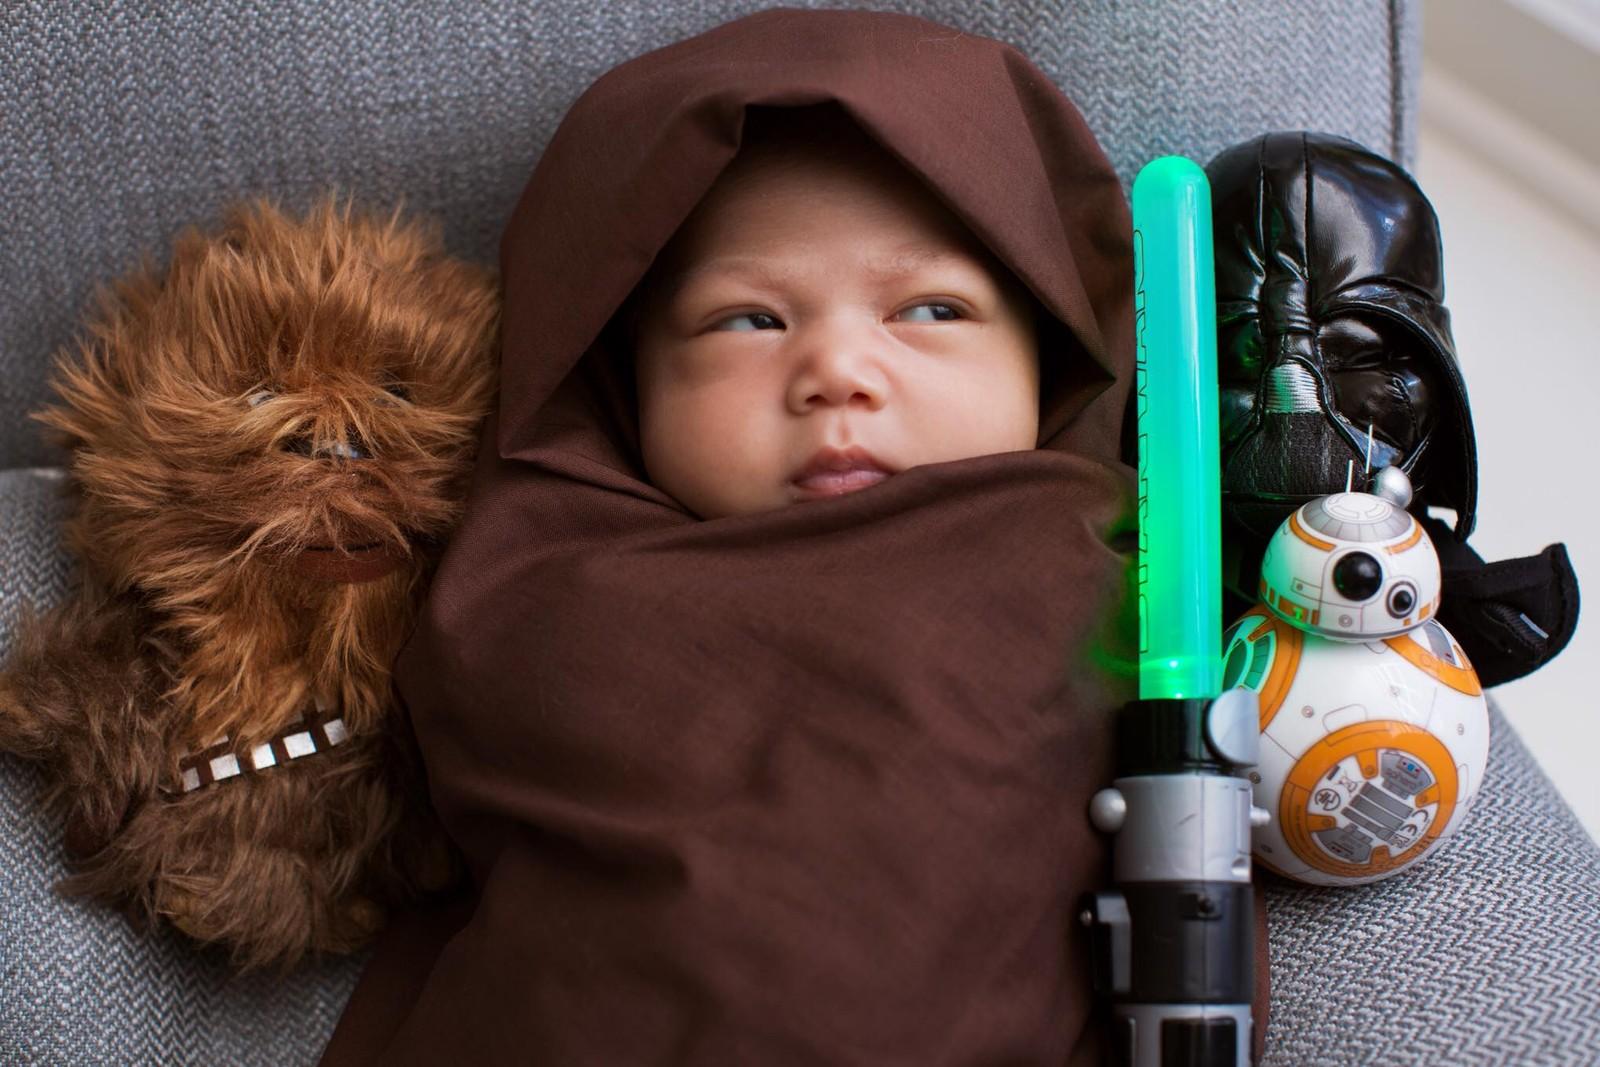 «The force is strong with this one», skrev Facebook-sjef Mark Zuckerberg om sin lille arving. Til glede eller irritasjon for Facebook-brukere, har både profilbilder og nyhetsstrømmer blitt oversvømt med Star Wars-referanser i forbindelse med den nye filmen denne uka.